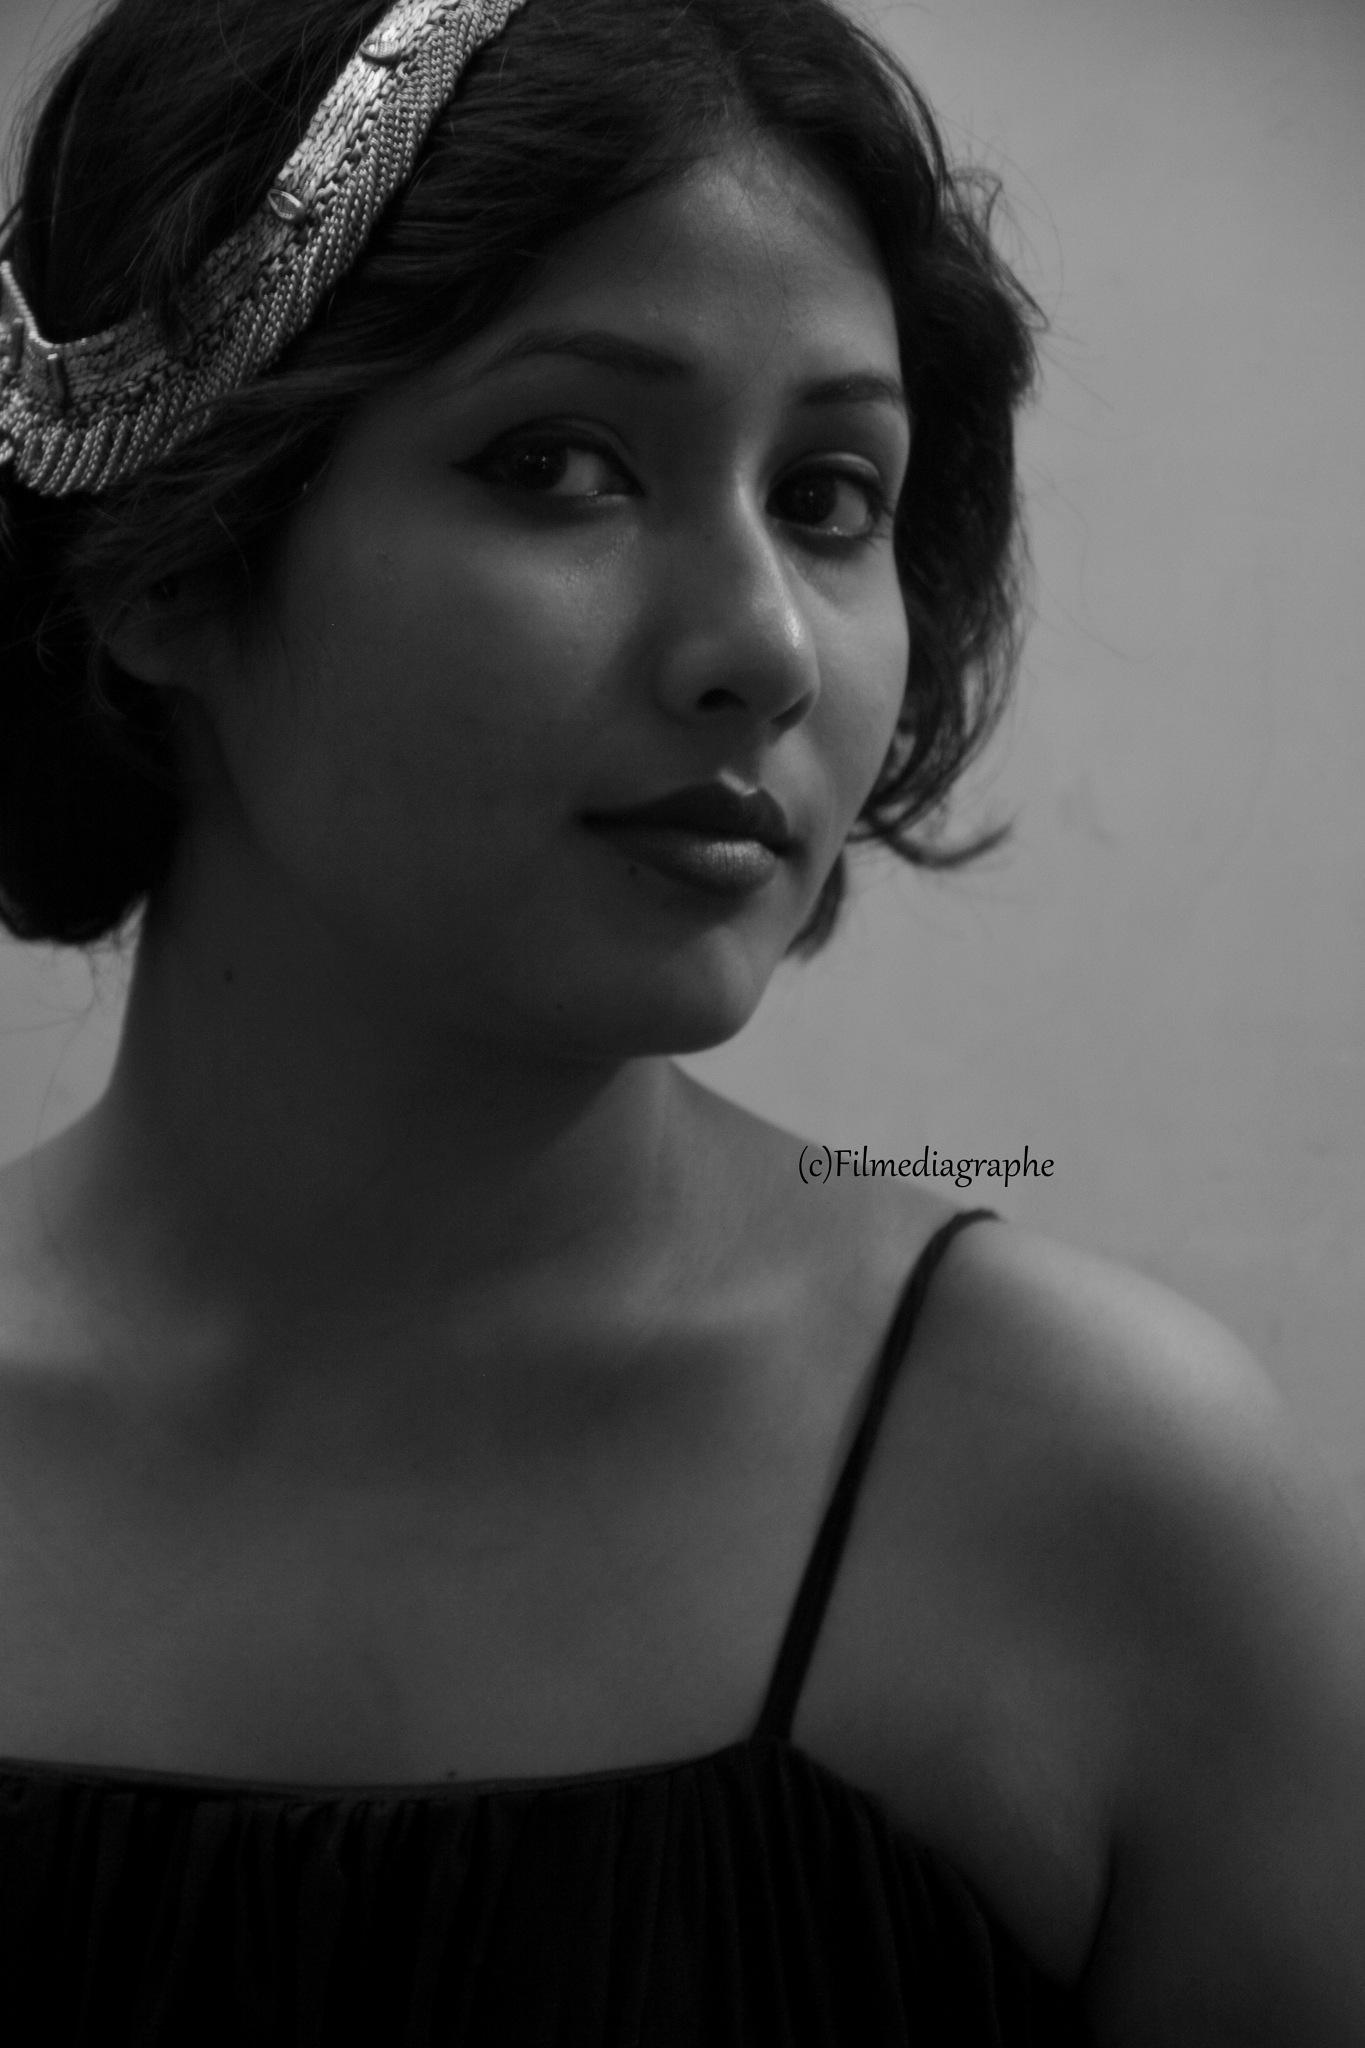 Untitled by Bhaskar Ghosh